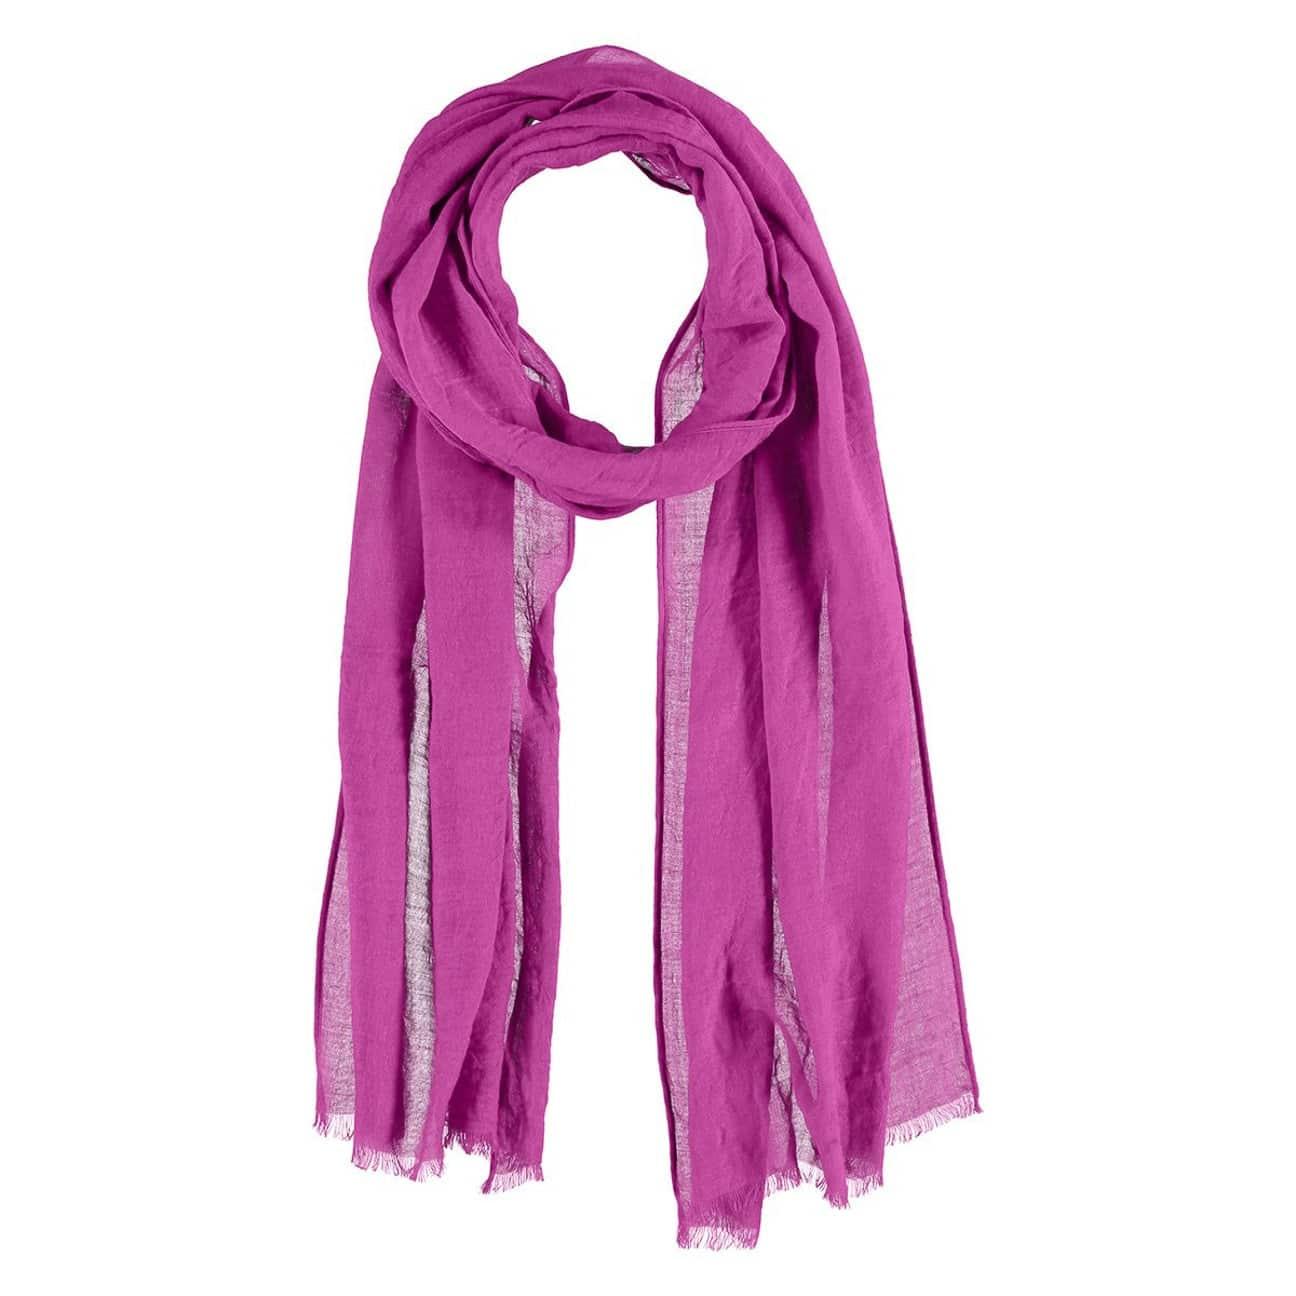 ... Chiffon Sciarpa con Viscosa by Passigatti - pink 1 ...